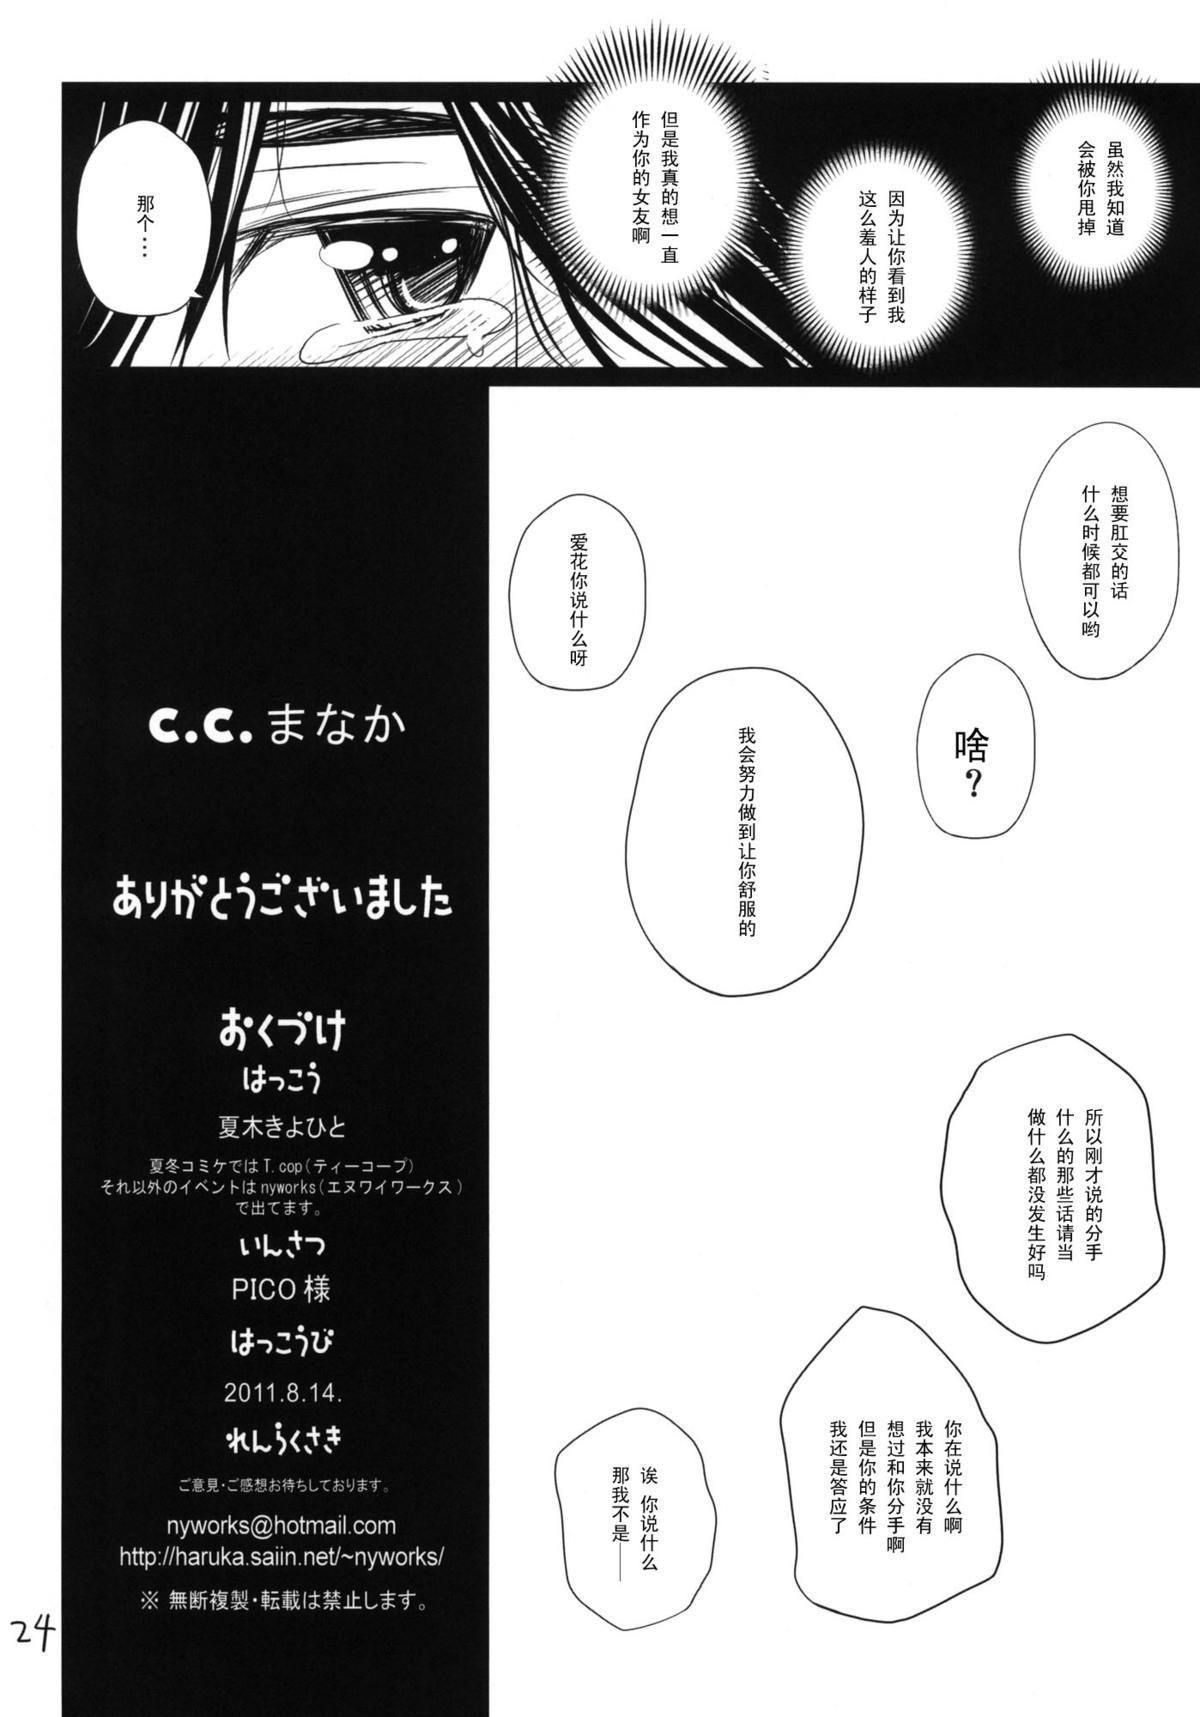 C.C.Manaka 24